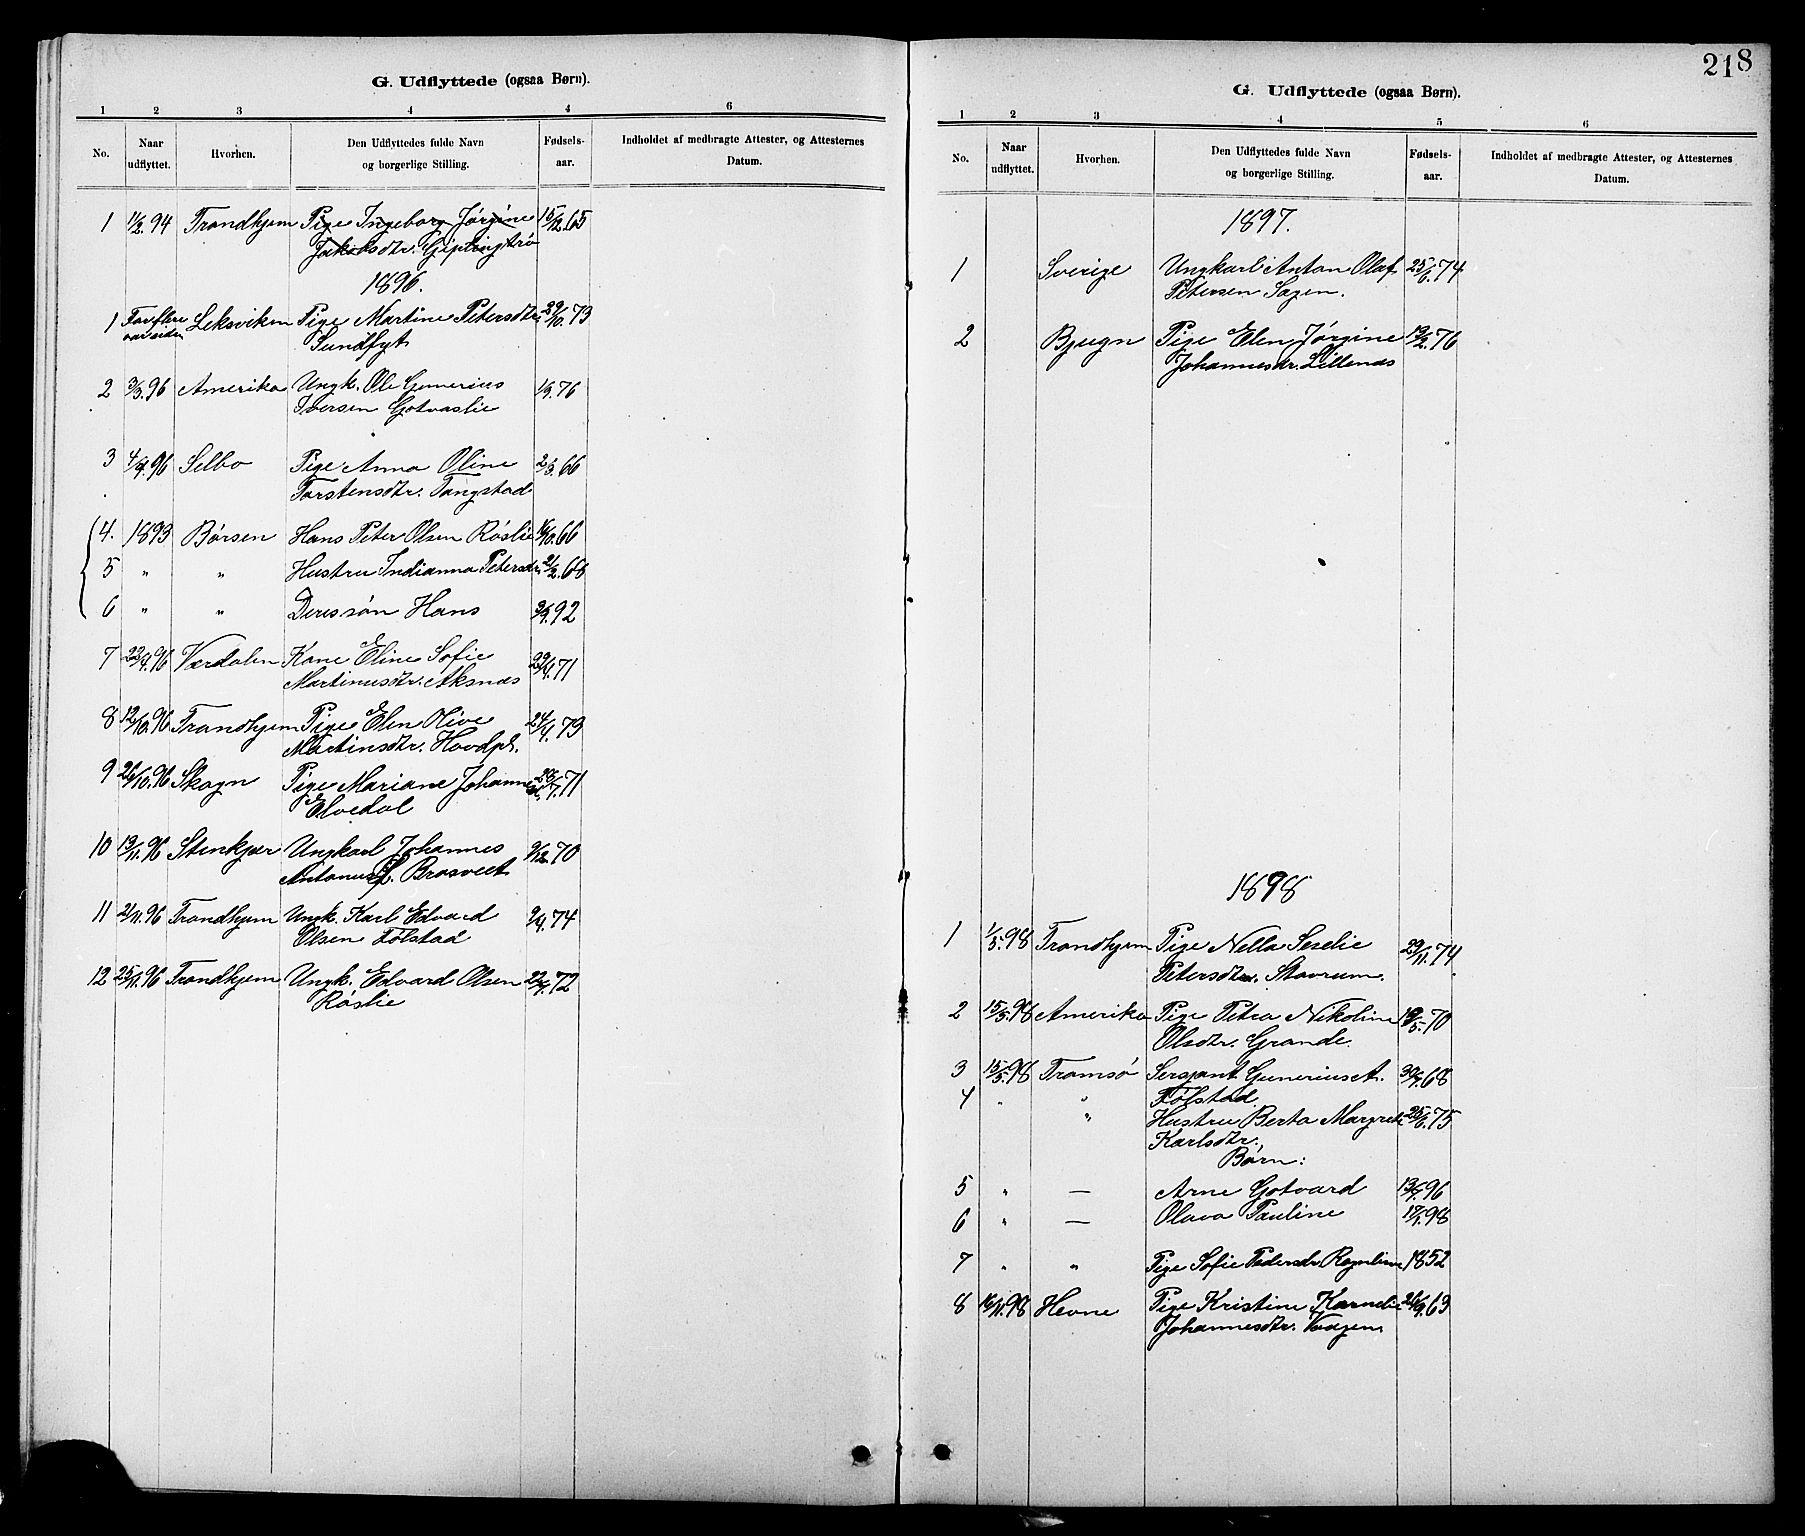 SAT, Ministerialprotokoller, klokkerbøker og fødselsregistre - Nord-Trøndelag, 744/L0423: Klokkerbok nr. 744C02, 1886-1905, s. 218